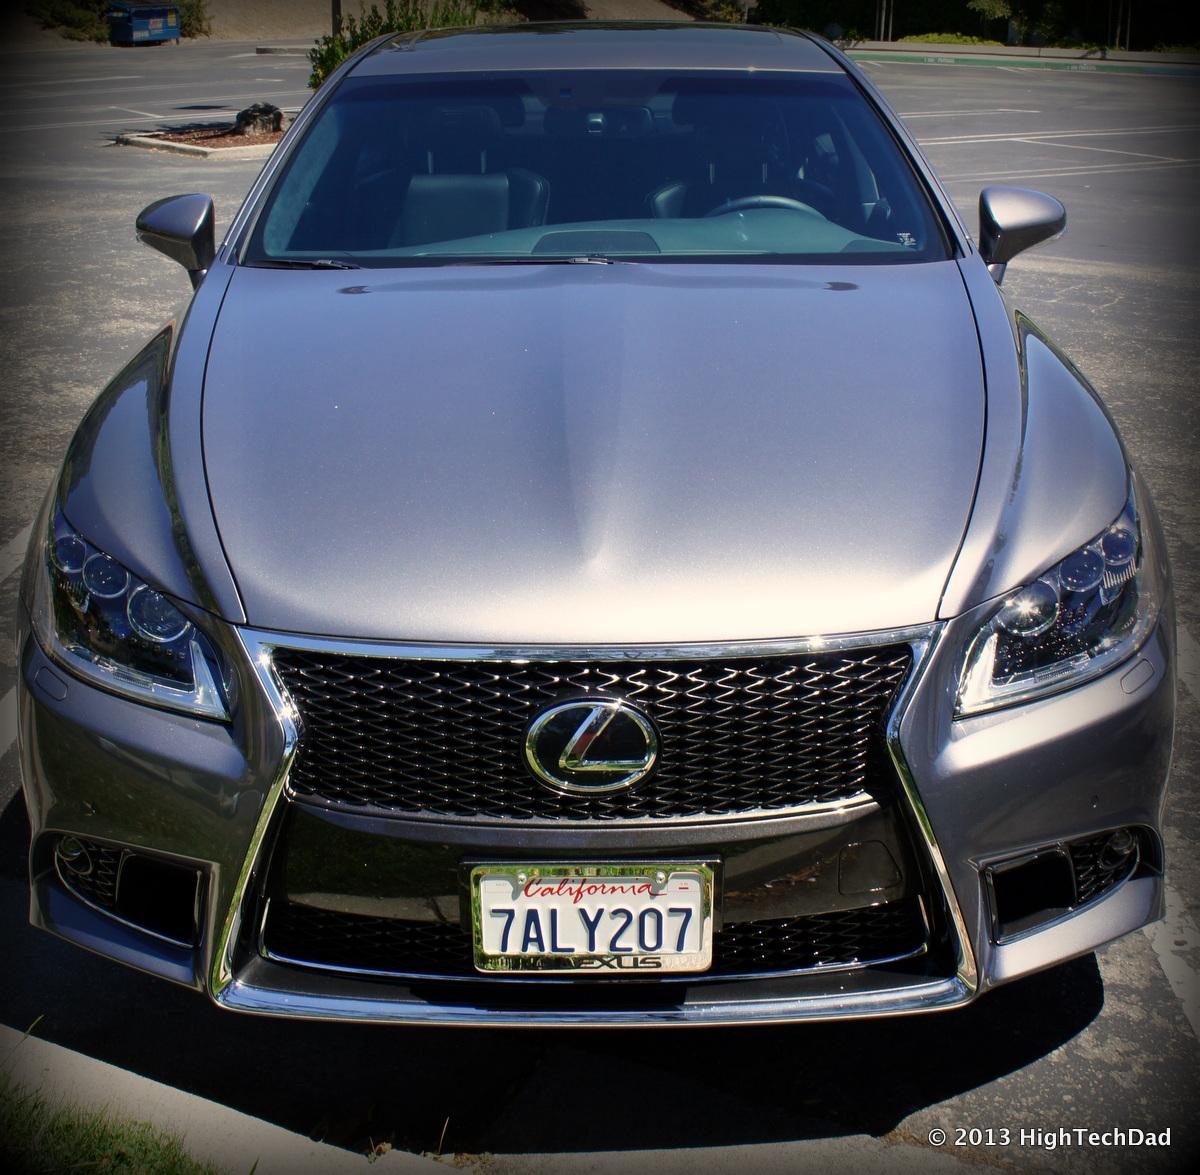 2013 Lexus Ls460 For Sale: 2013 Lexus LS 460 (9864198725).jpg